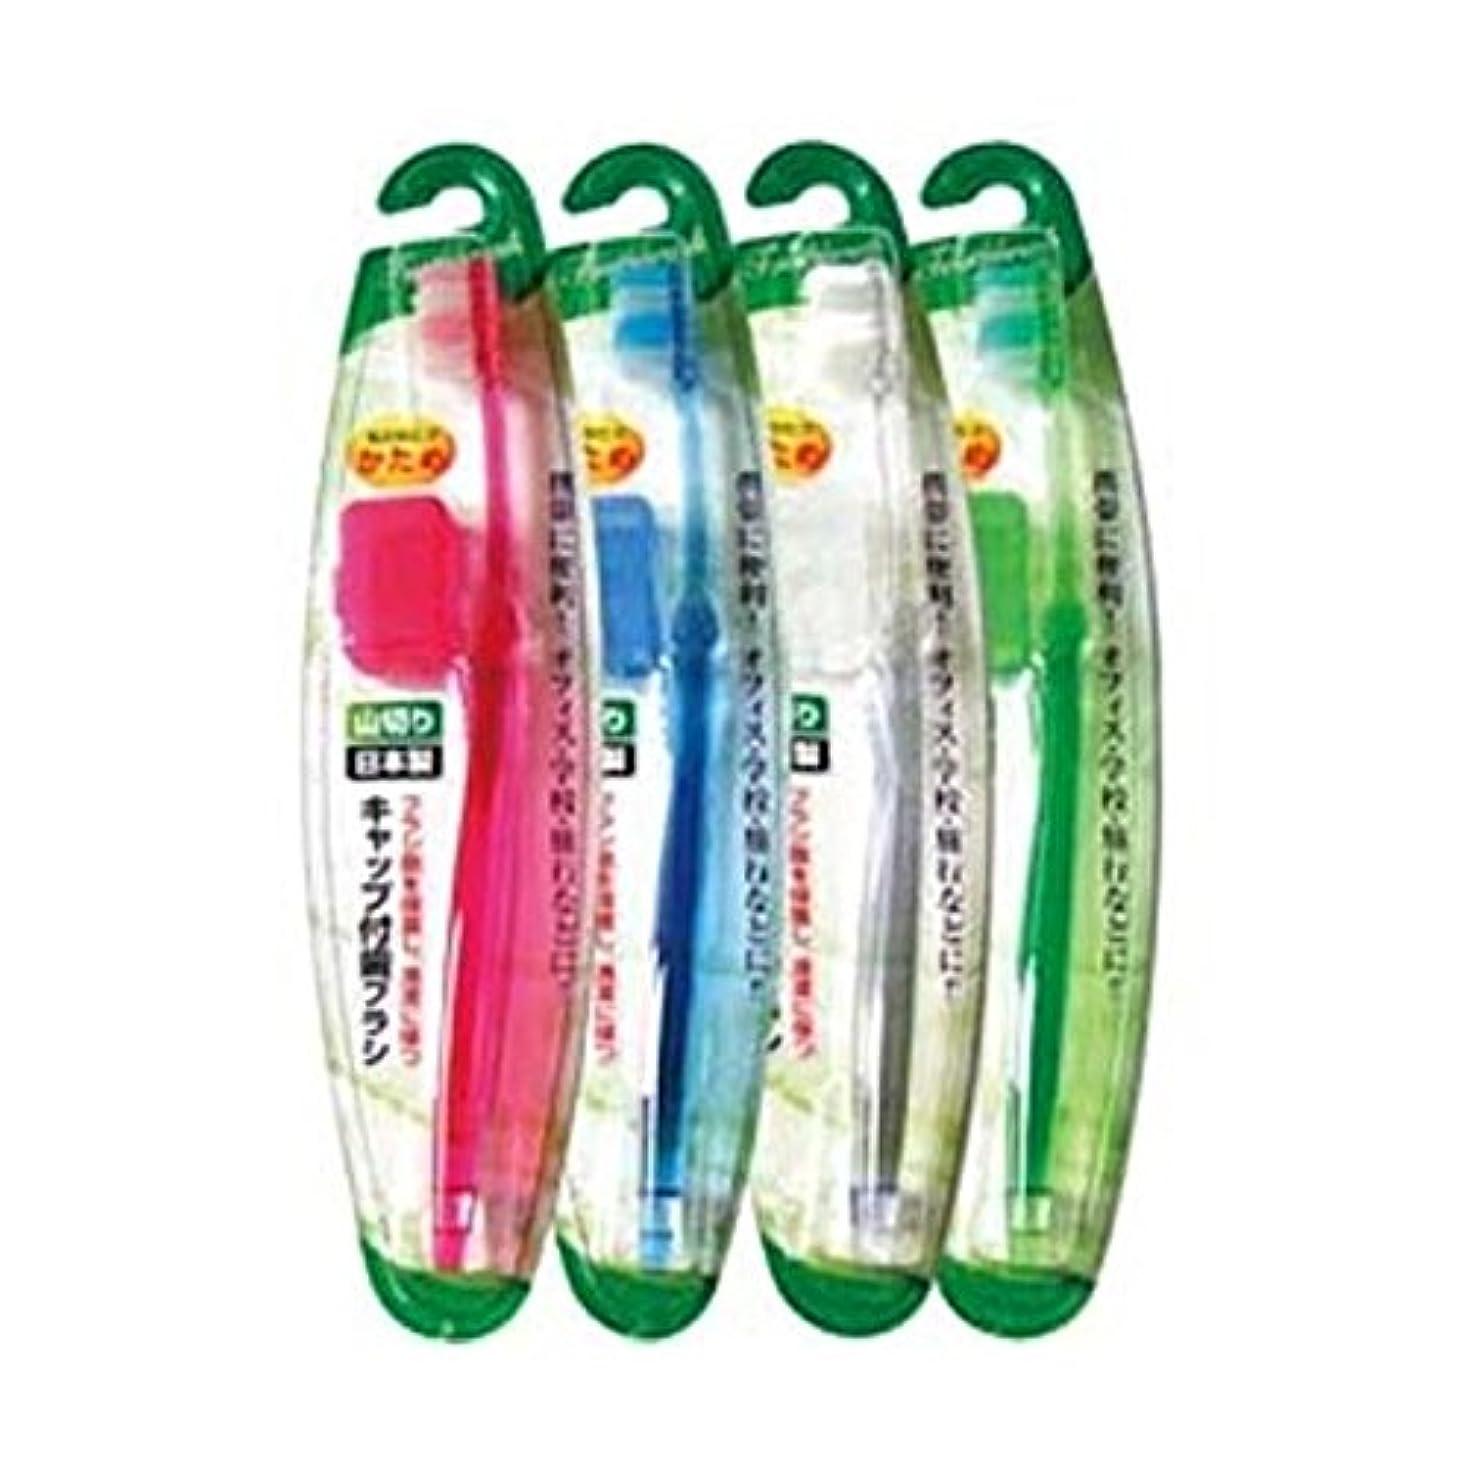 頂点相関する禁止健康用品 キャップ付歯ブラシ山切りカット(かため)日本製 【12個セット】 41-210